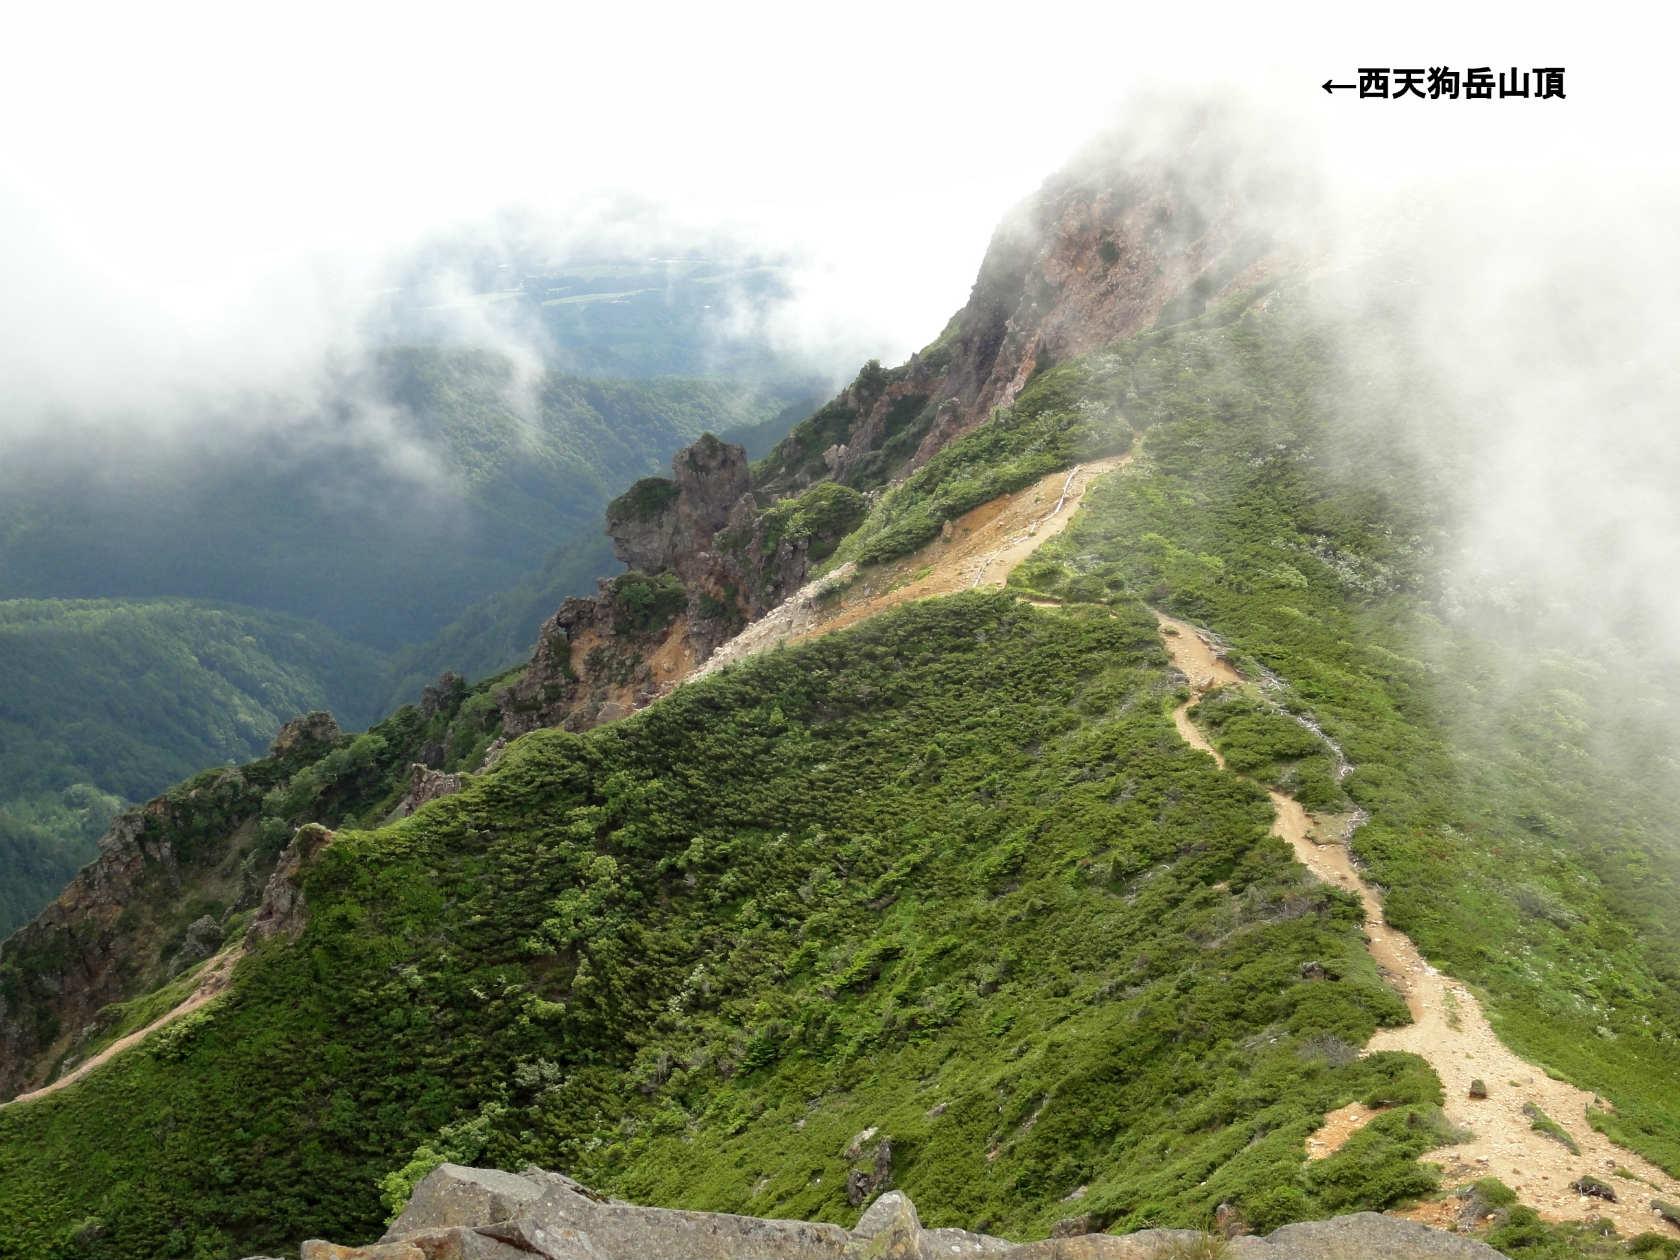 東天狗岳山頂から西天狗岳山頂方面